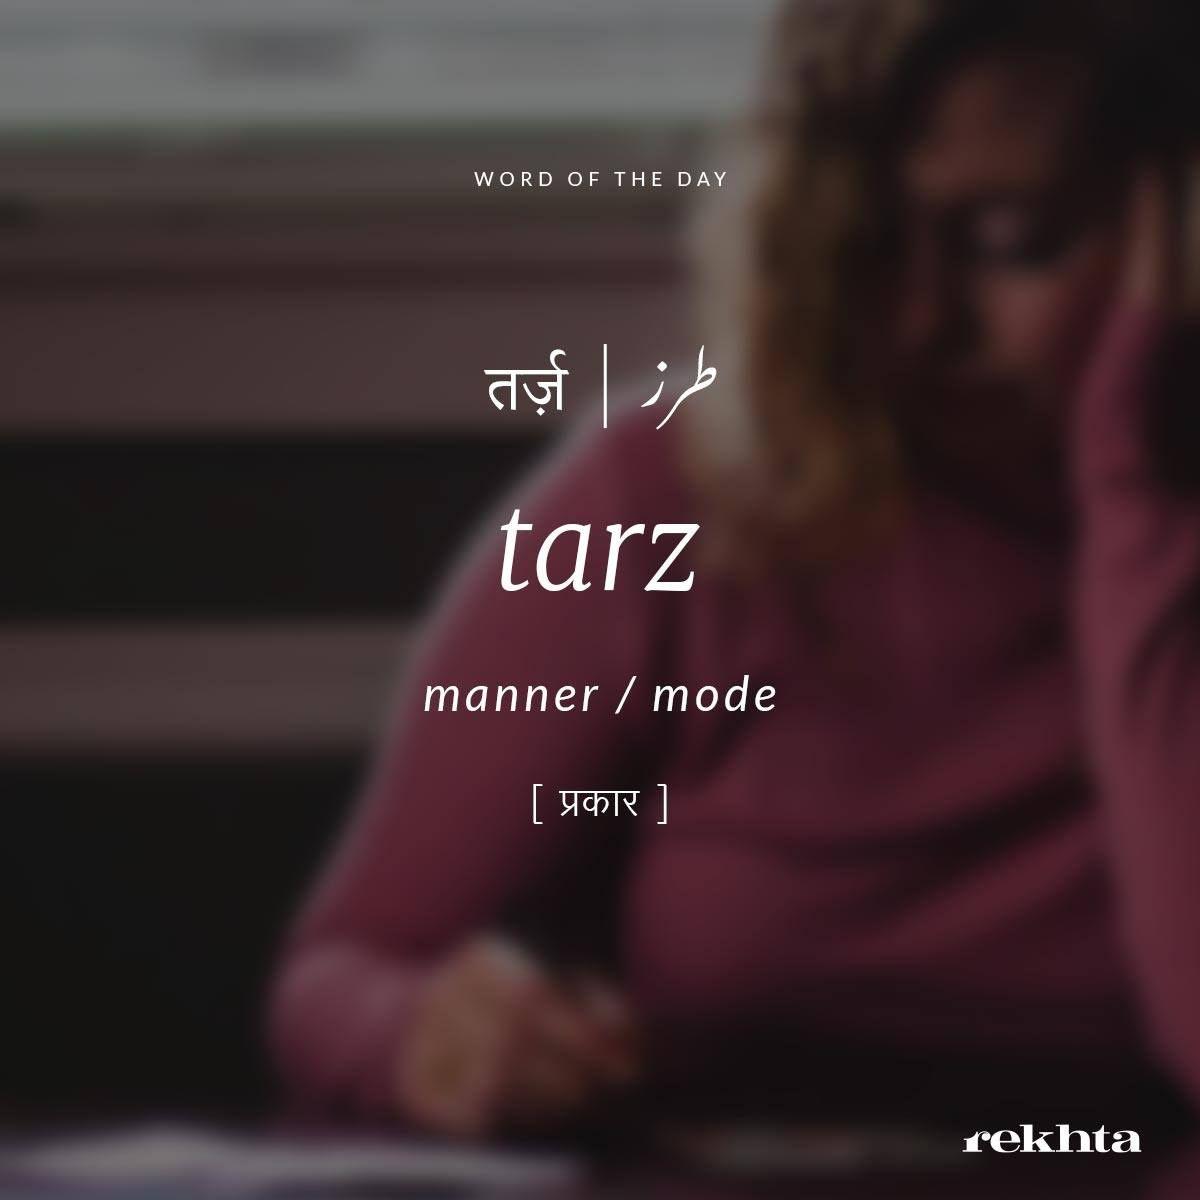 word #translate #mean #rekhta | urdu | Urdu words with